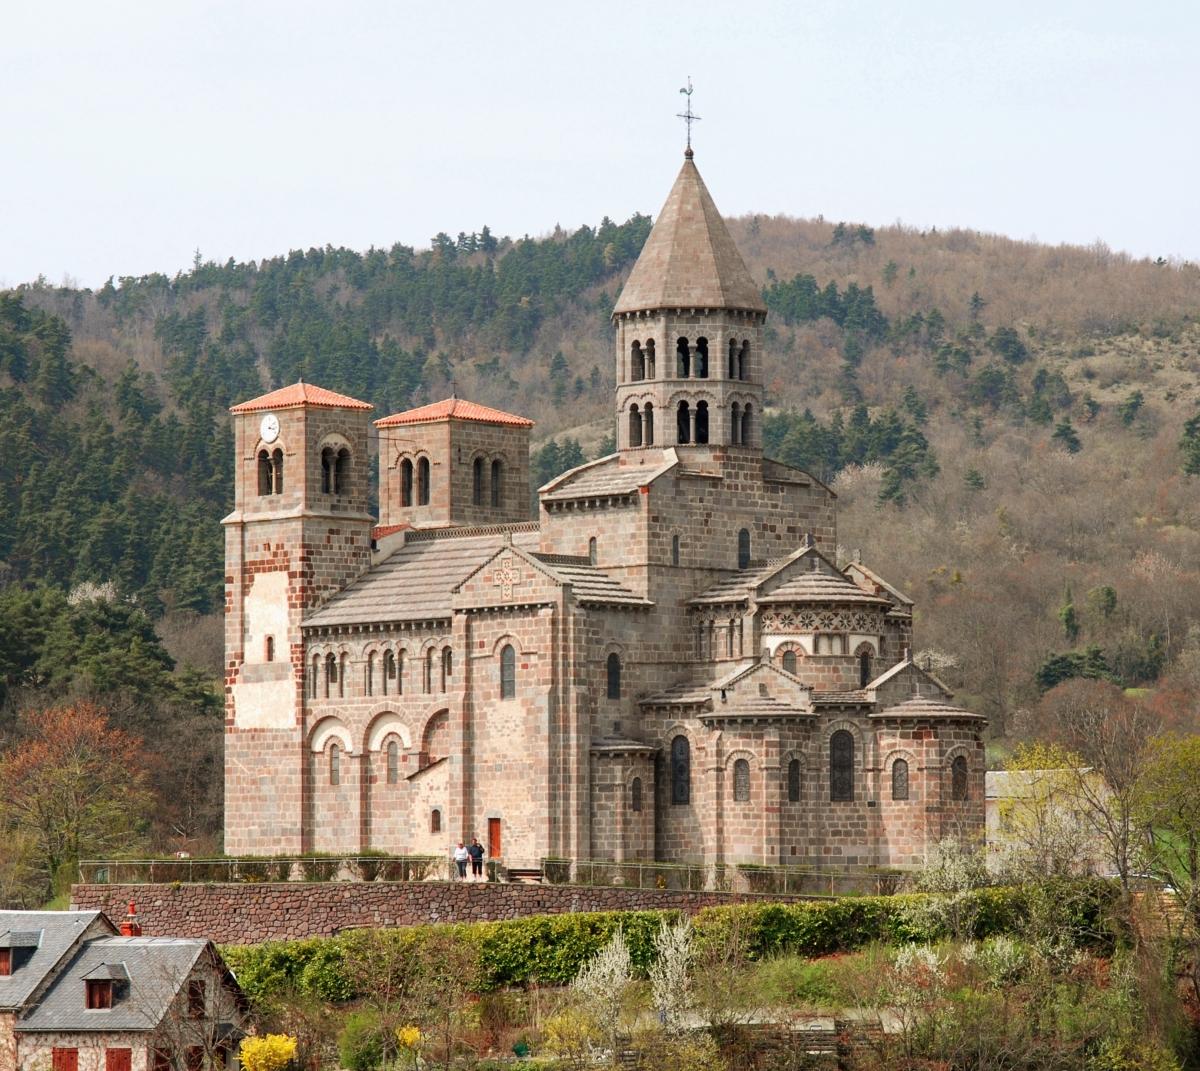 In Alvernia le chiese danno le spalle